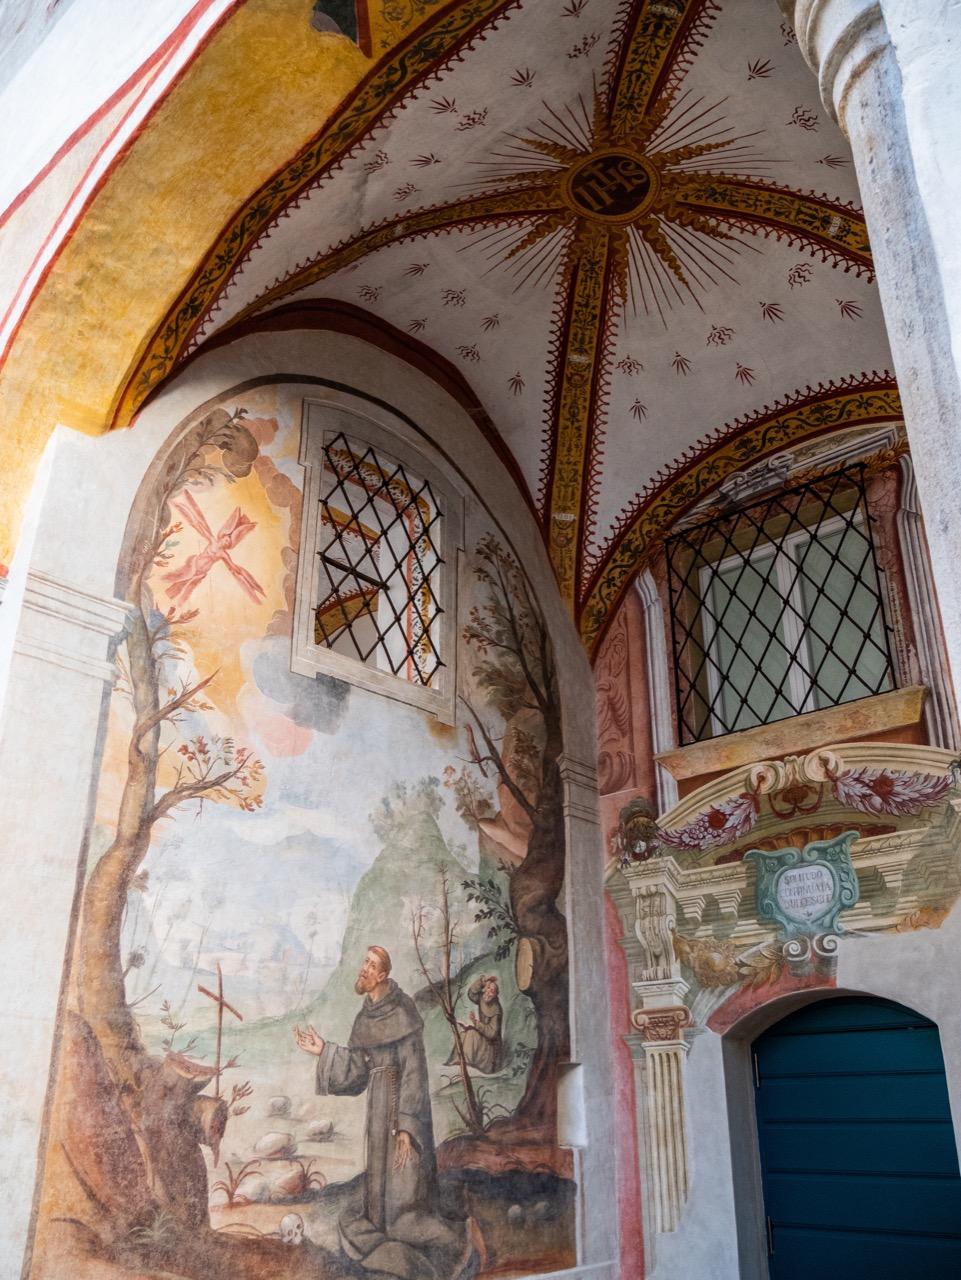 Ausgemalte Eingangshalle im Innenhof (17. und 18. Jh.) mit Wandgemälde des hl. Franziskus